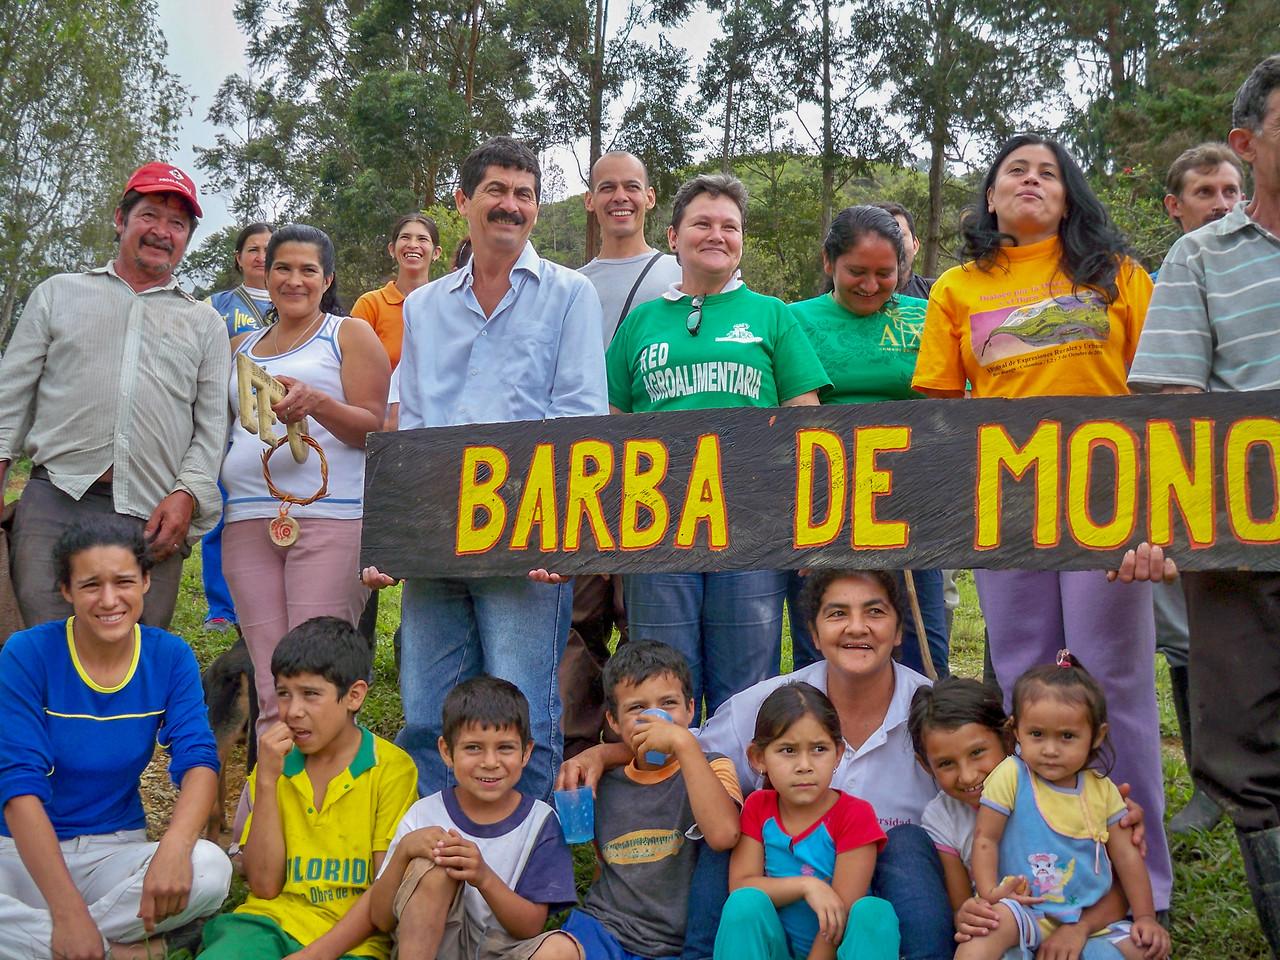 The community of Barba de Mono